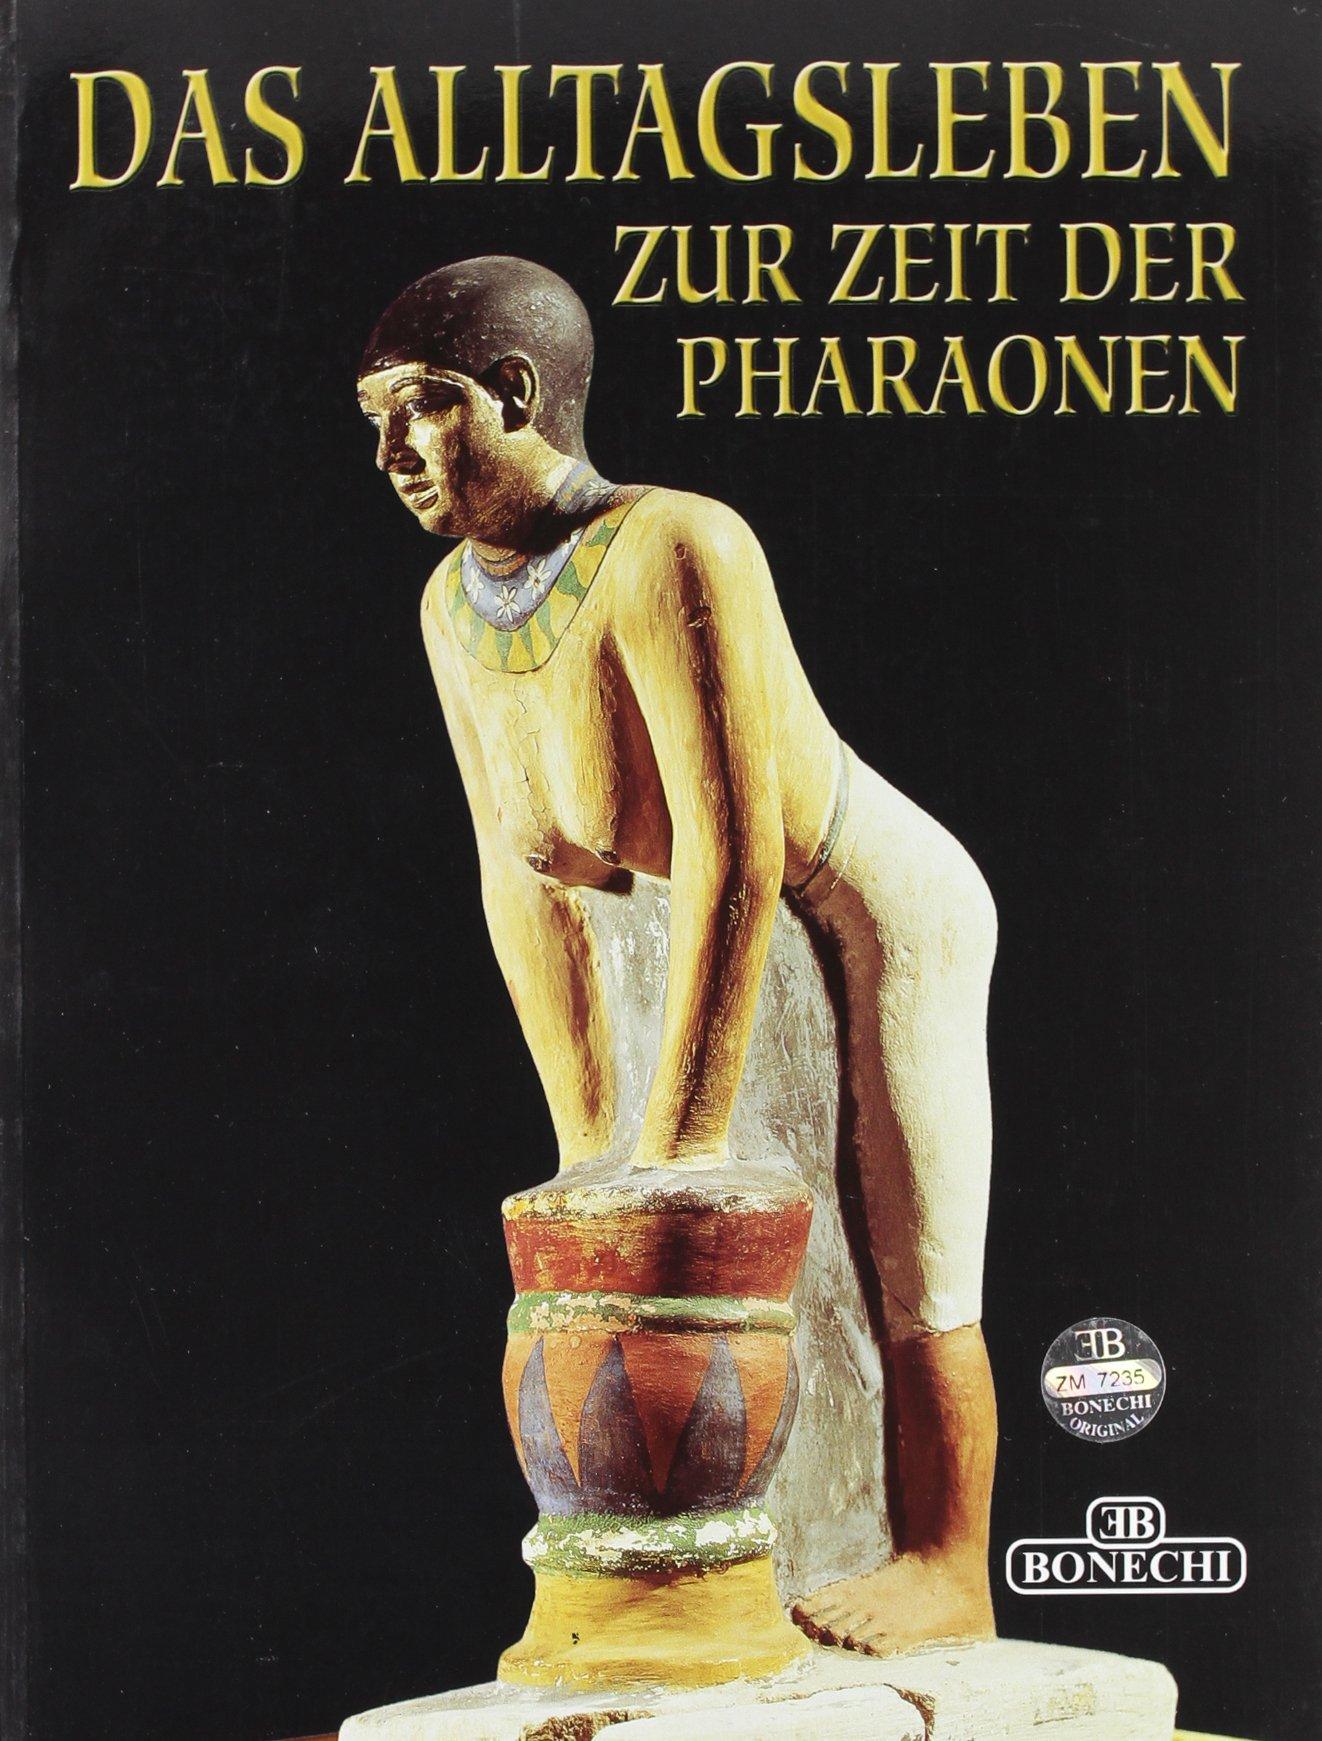 Alltagsleben zur Zeit der Pharaonen